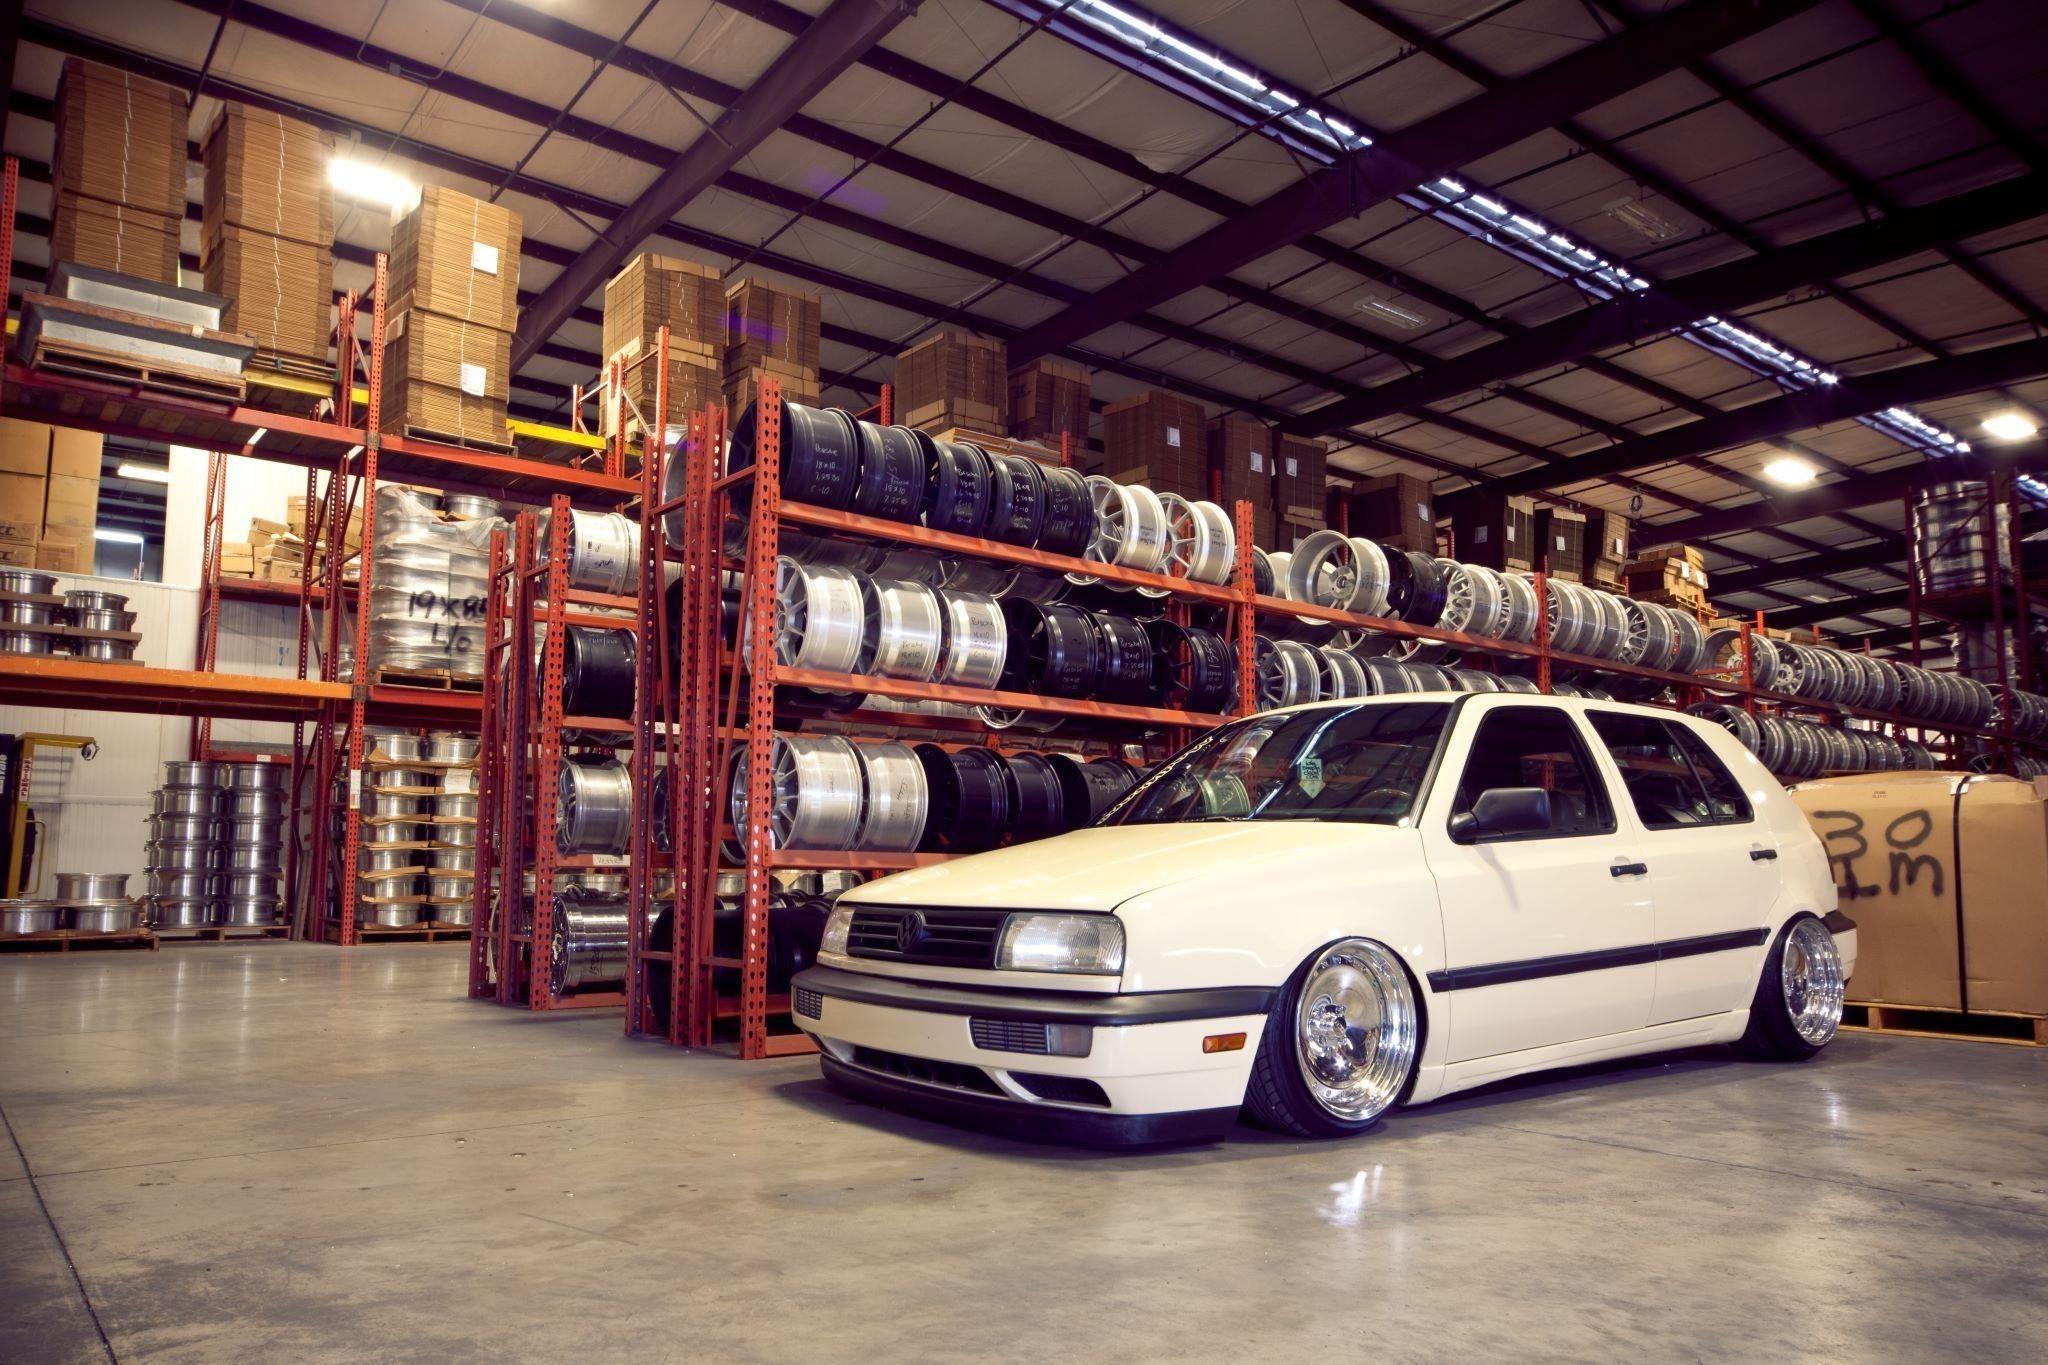 Volkswagen Stance Hd Wallpapers Volkswagen Car Wallpapers Hd Wallpaper